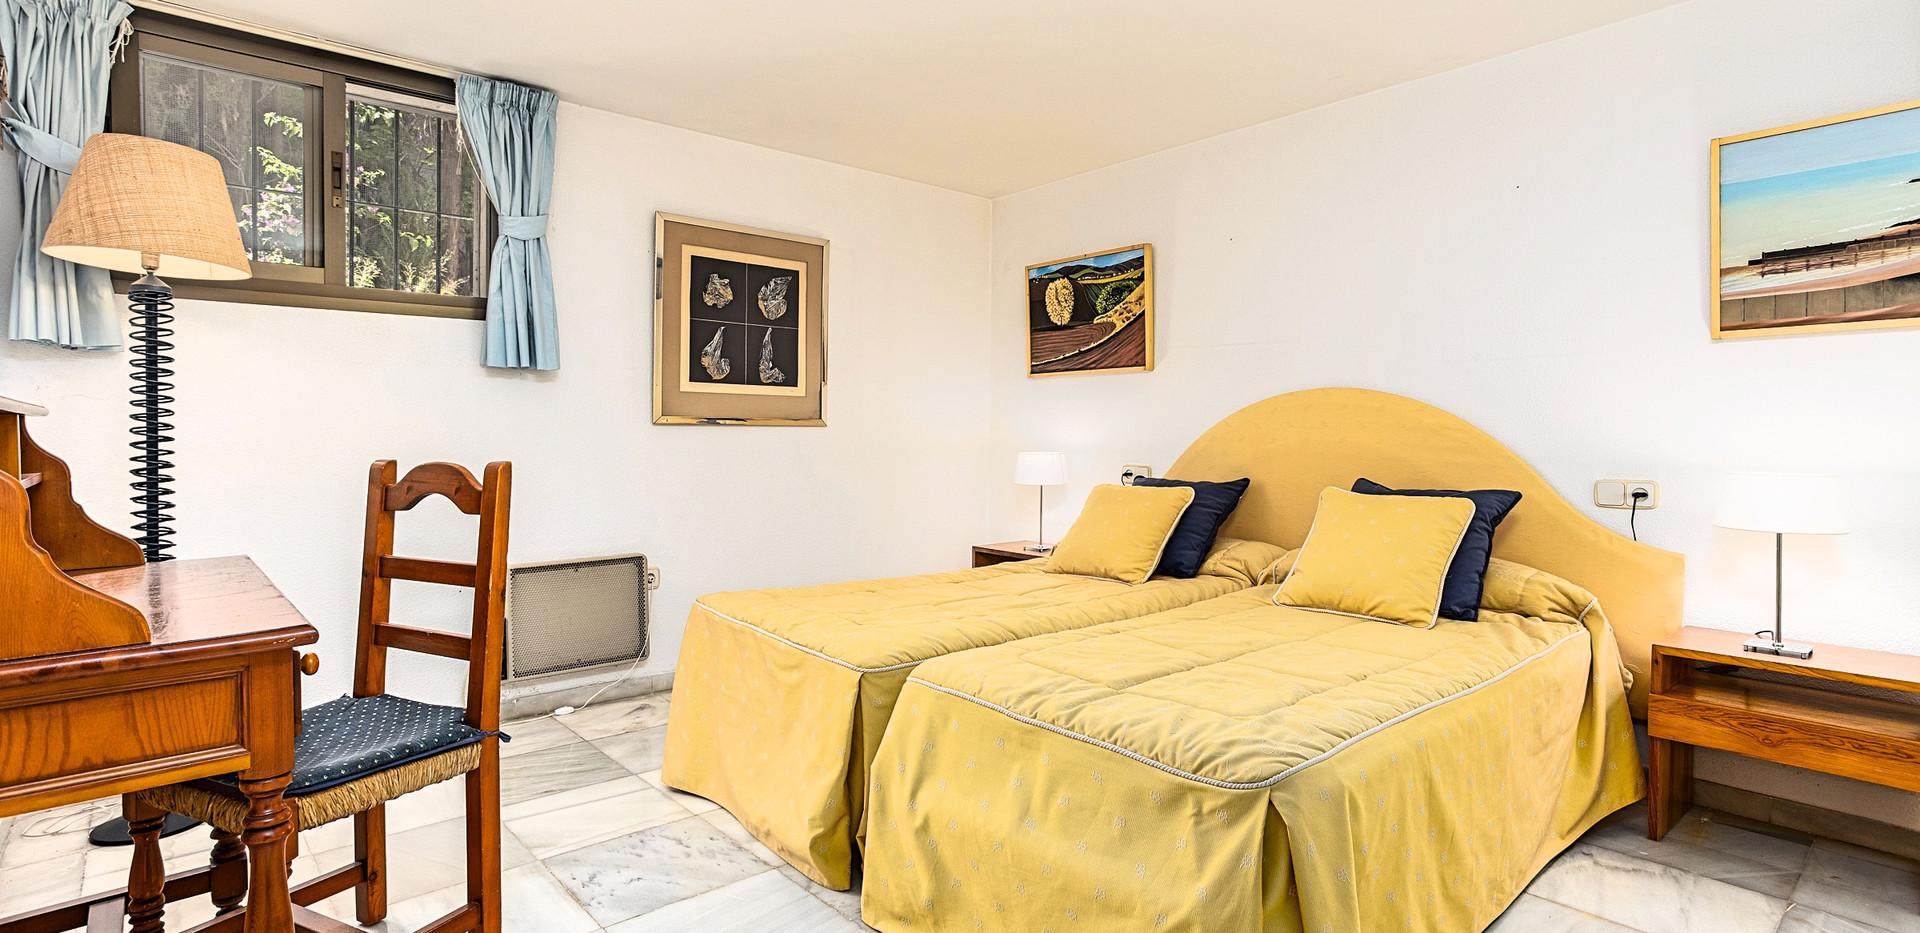 Villa El Bocho - Dormitorio 6_Fotor.jpg